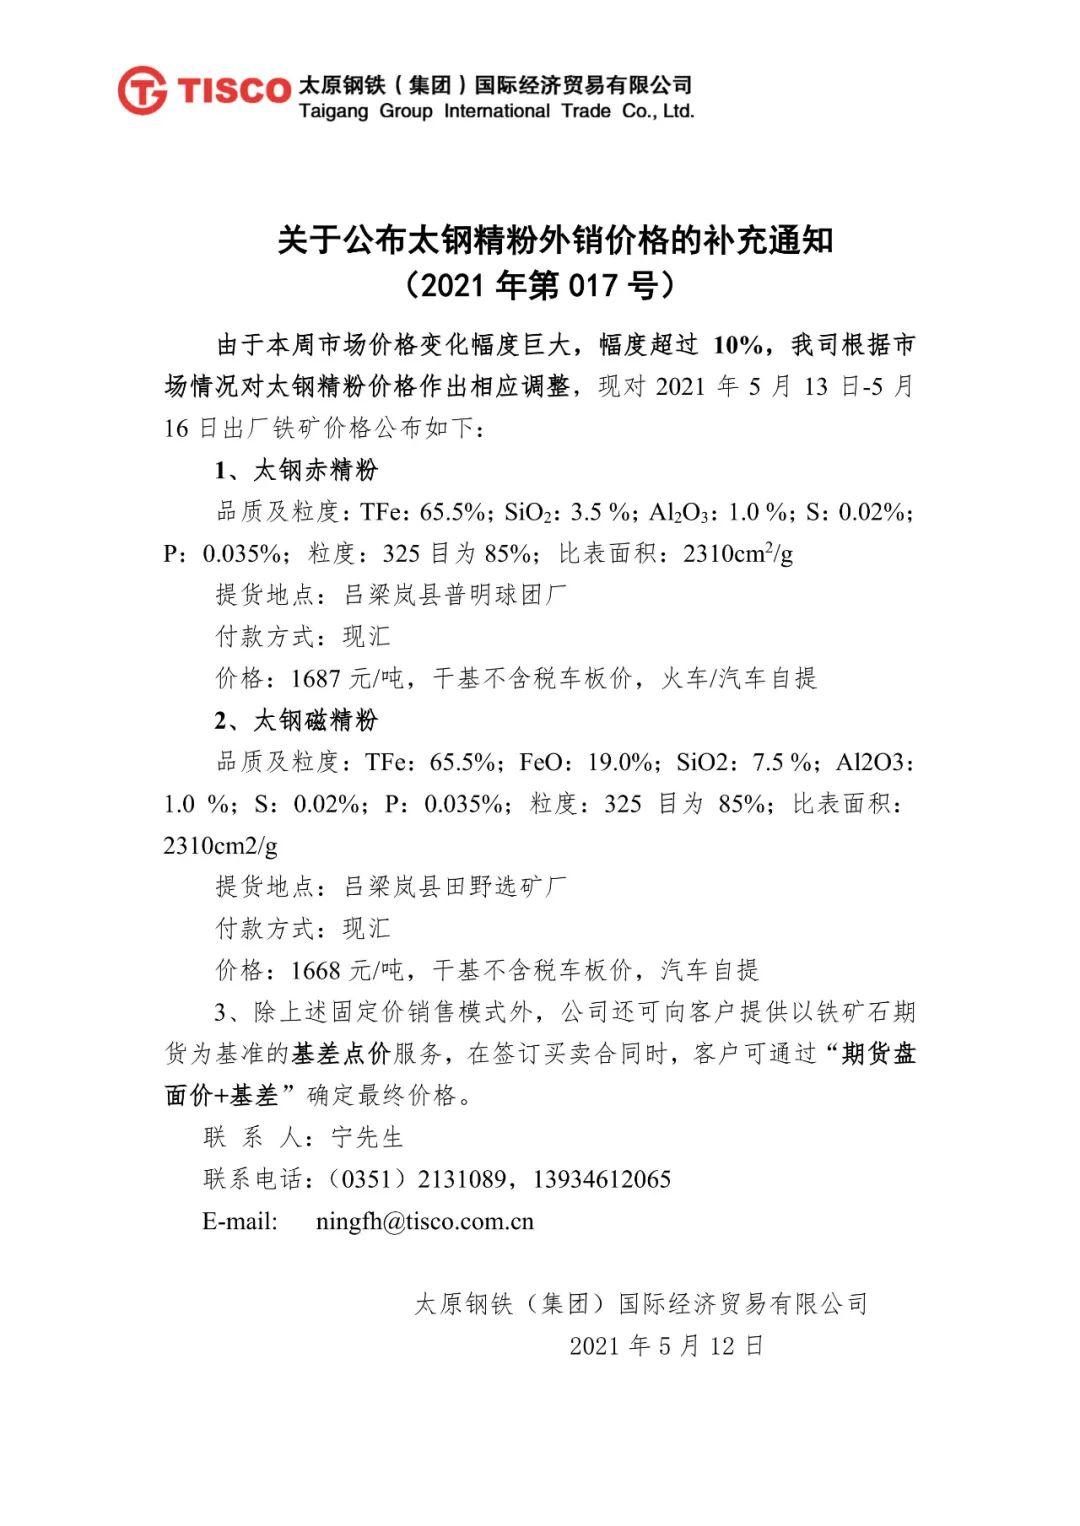 关于公布太钢精粉外销价格的通知(5月13日-5月16日)